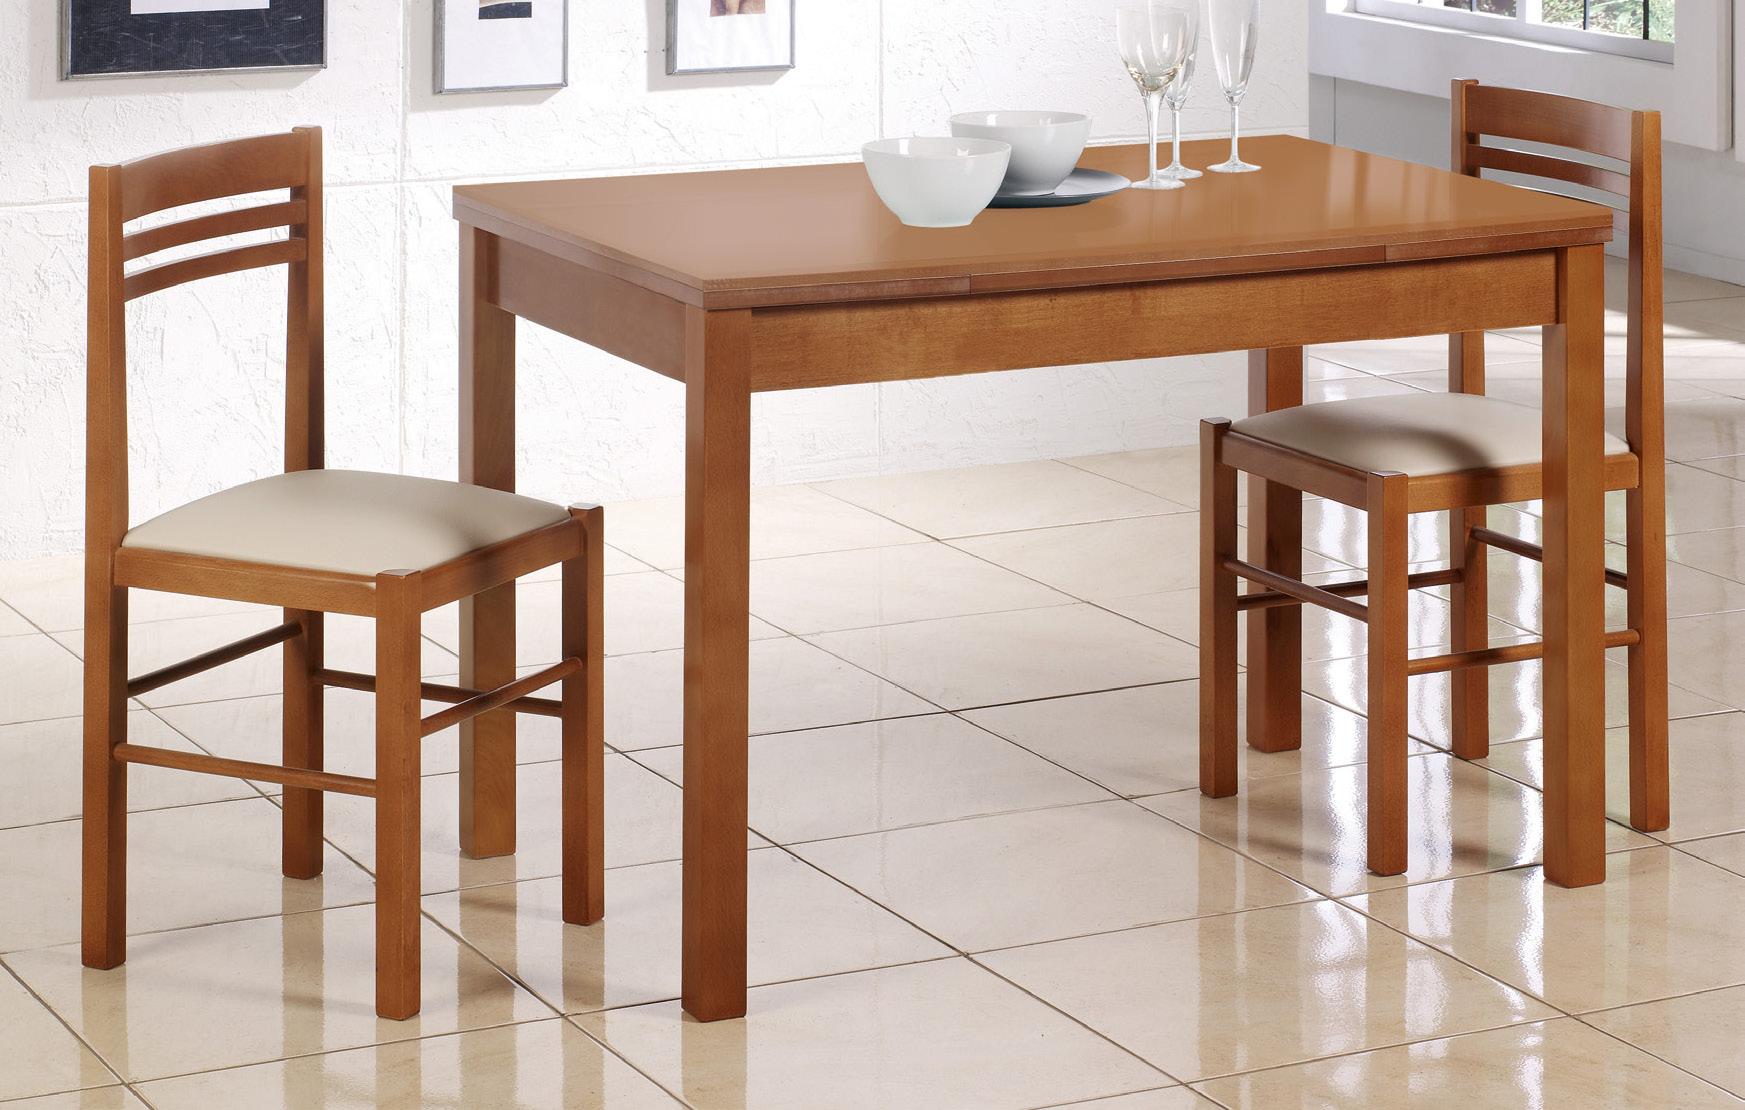 Mesas madera imeci f brica de mesas y sillas de cocina - Fabricantes de mesas de cocina ...